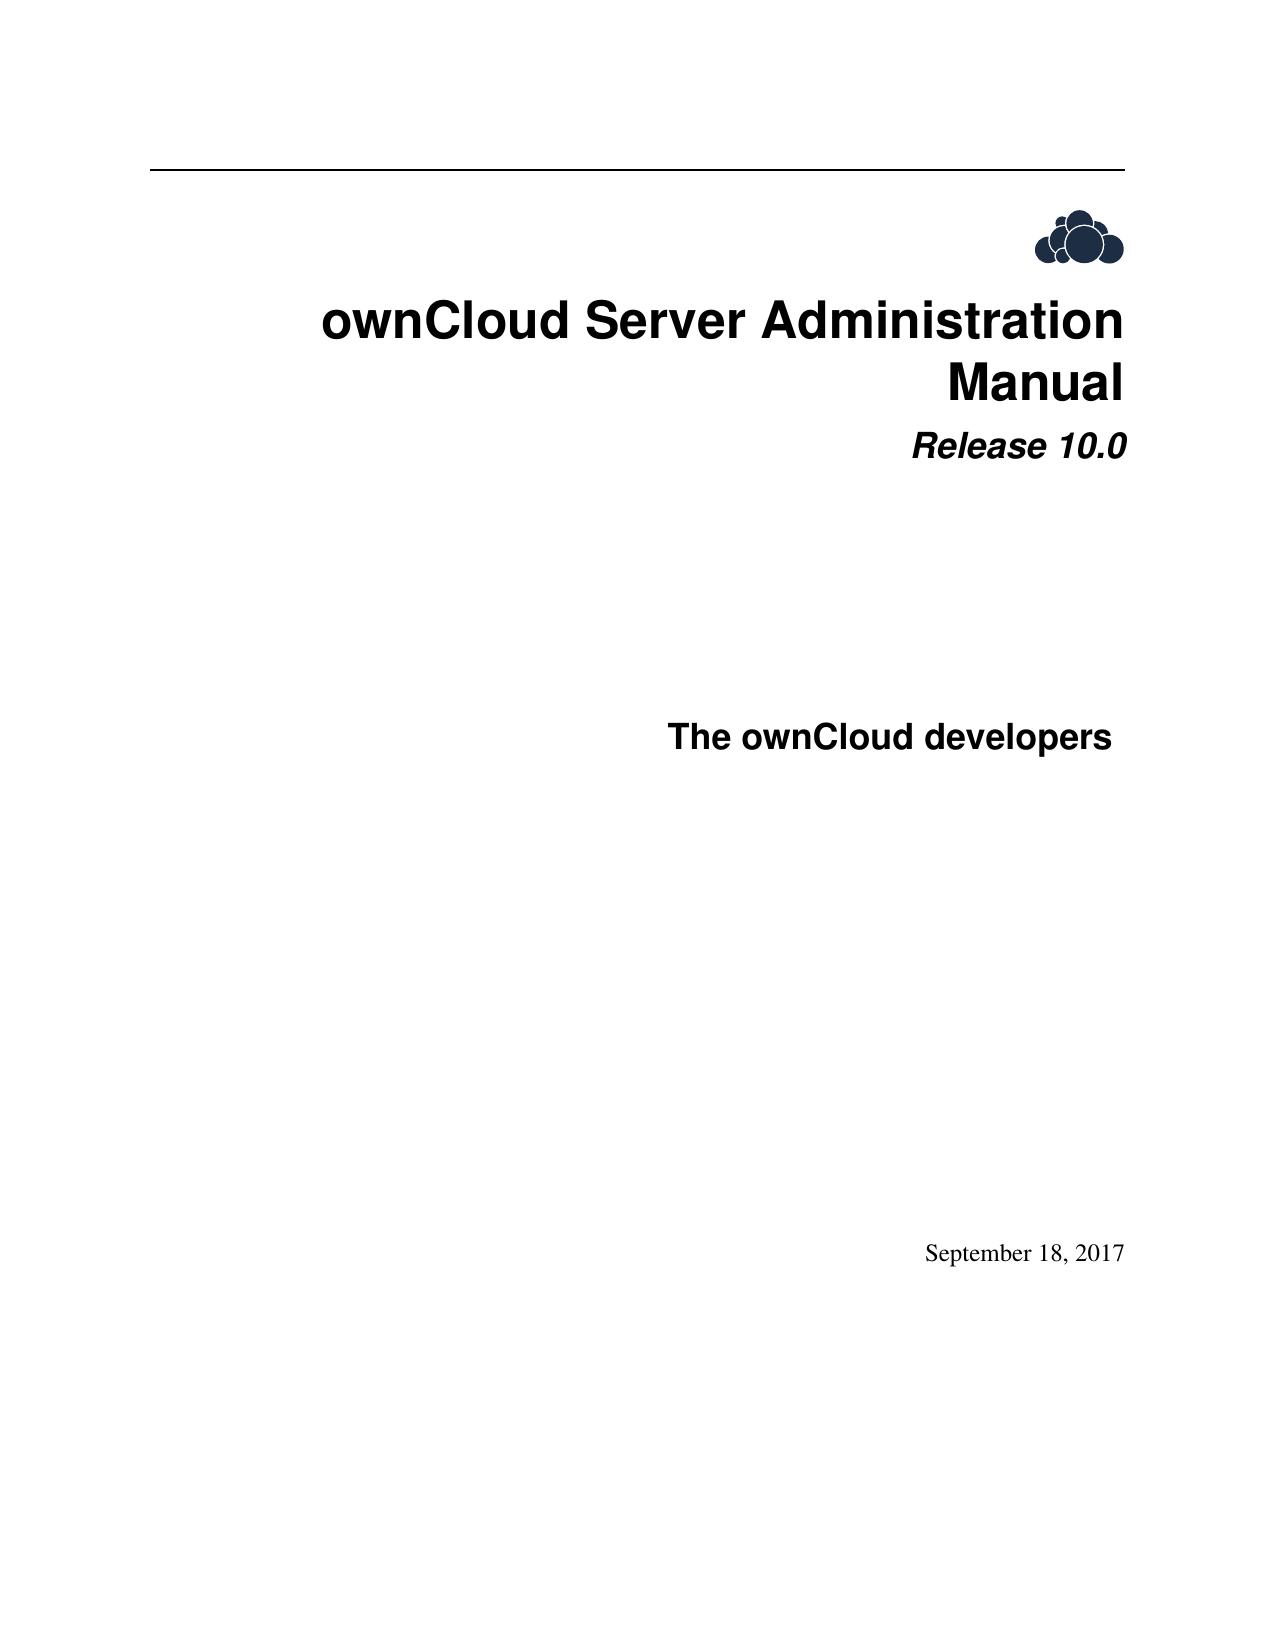 ownCloud Server Administration Manual | manualzz com